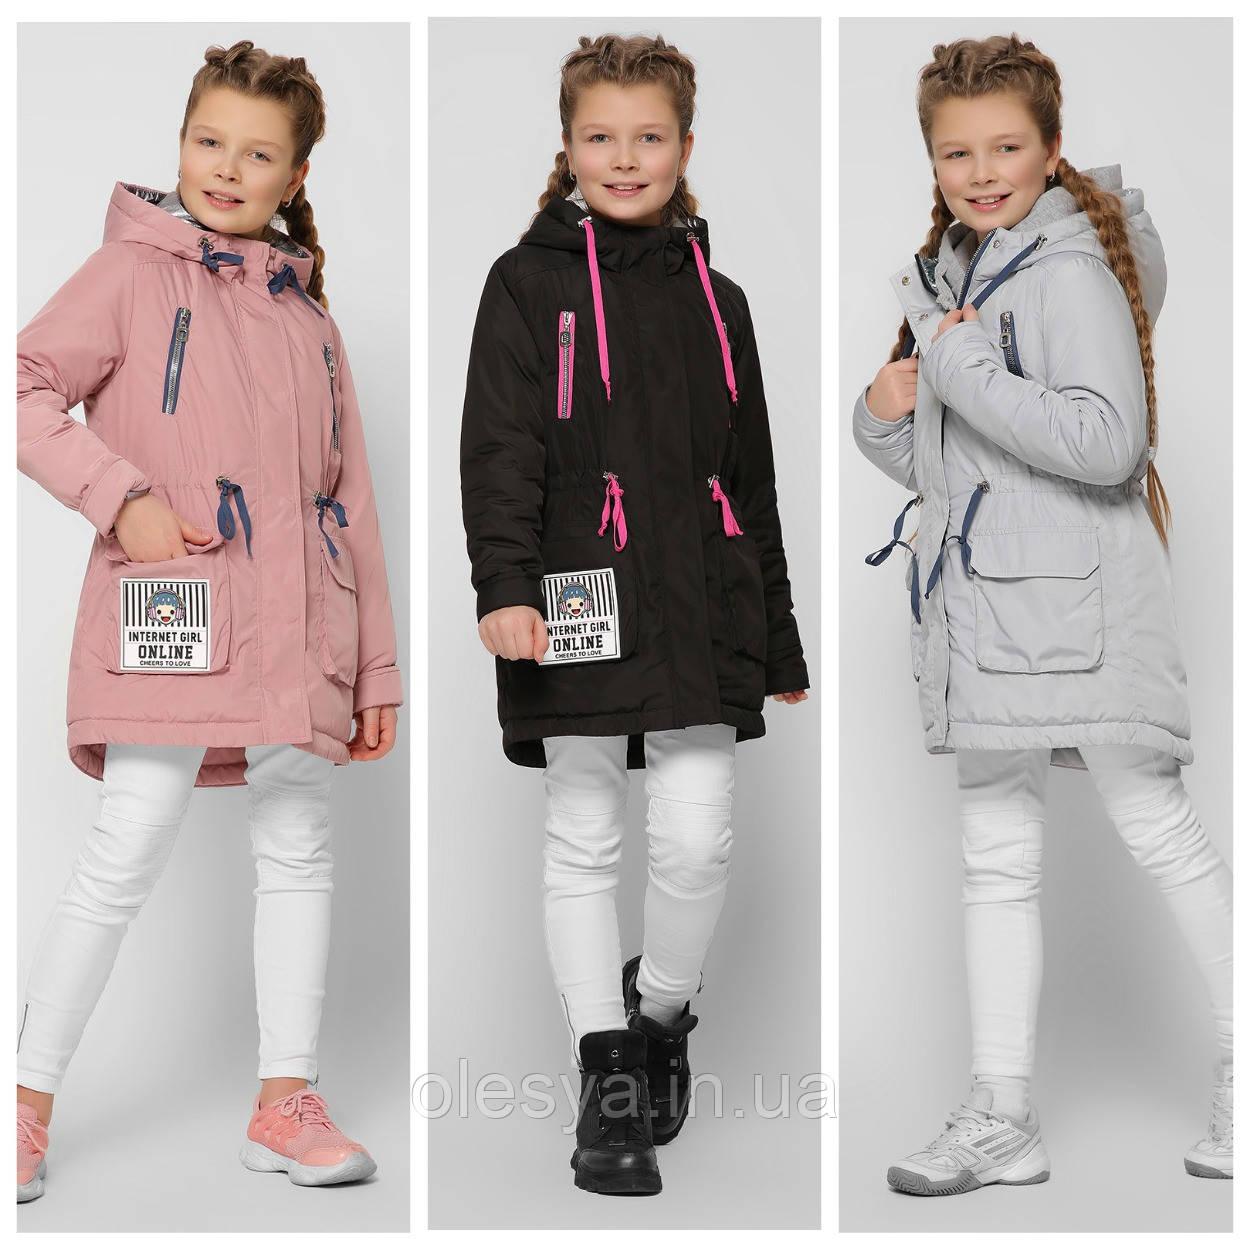 Яркая модная куртка парка весна-осень для девочек 8297 тм X-Woyz размеры 122-164